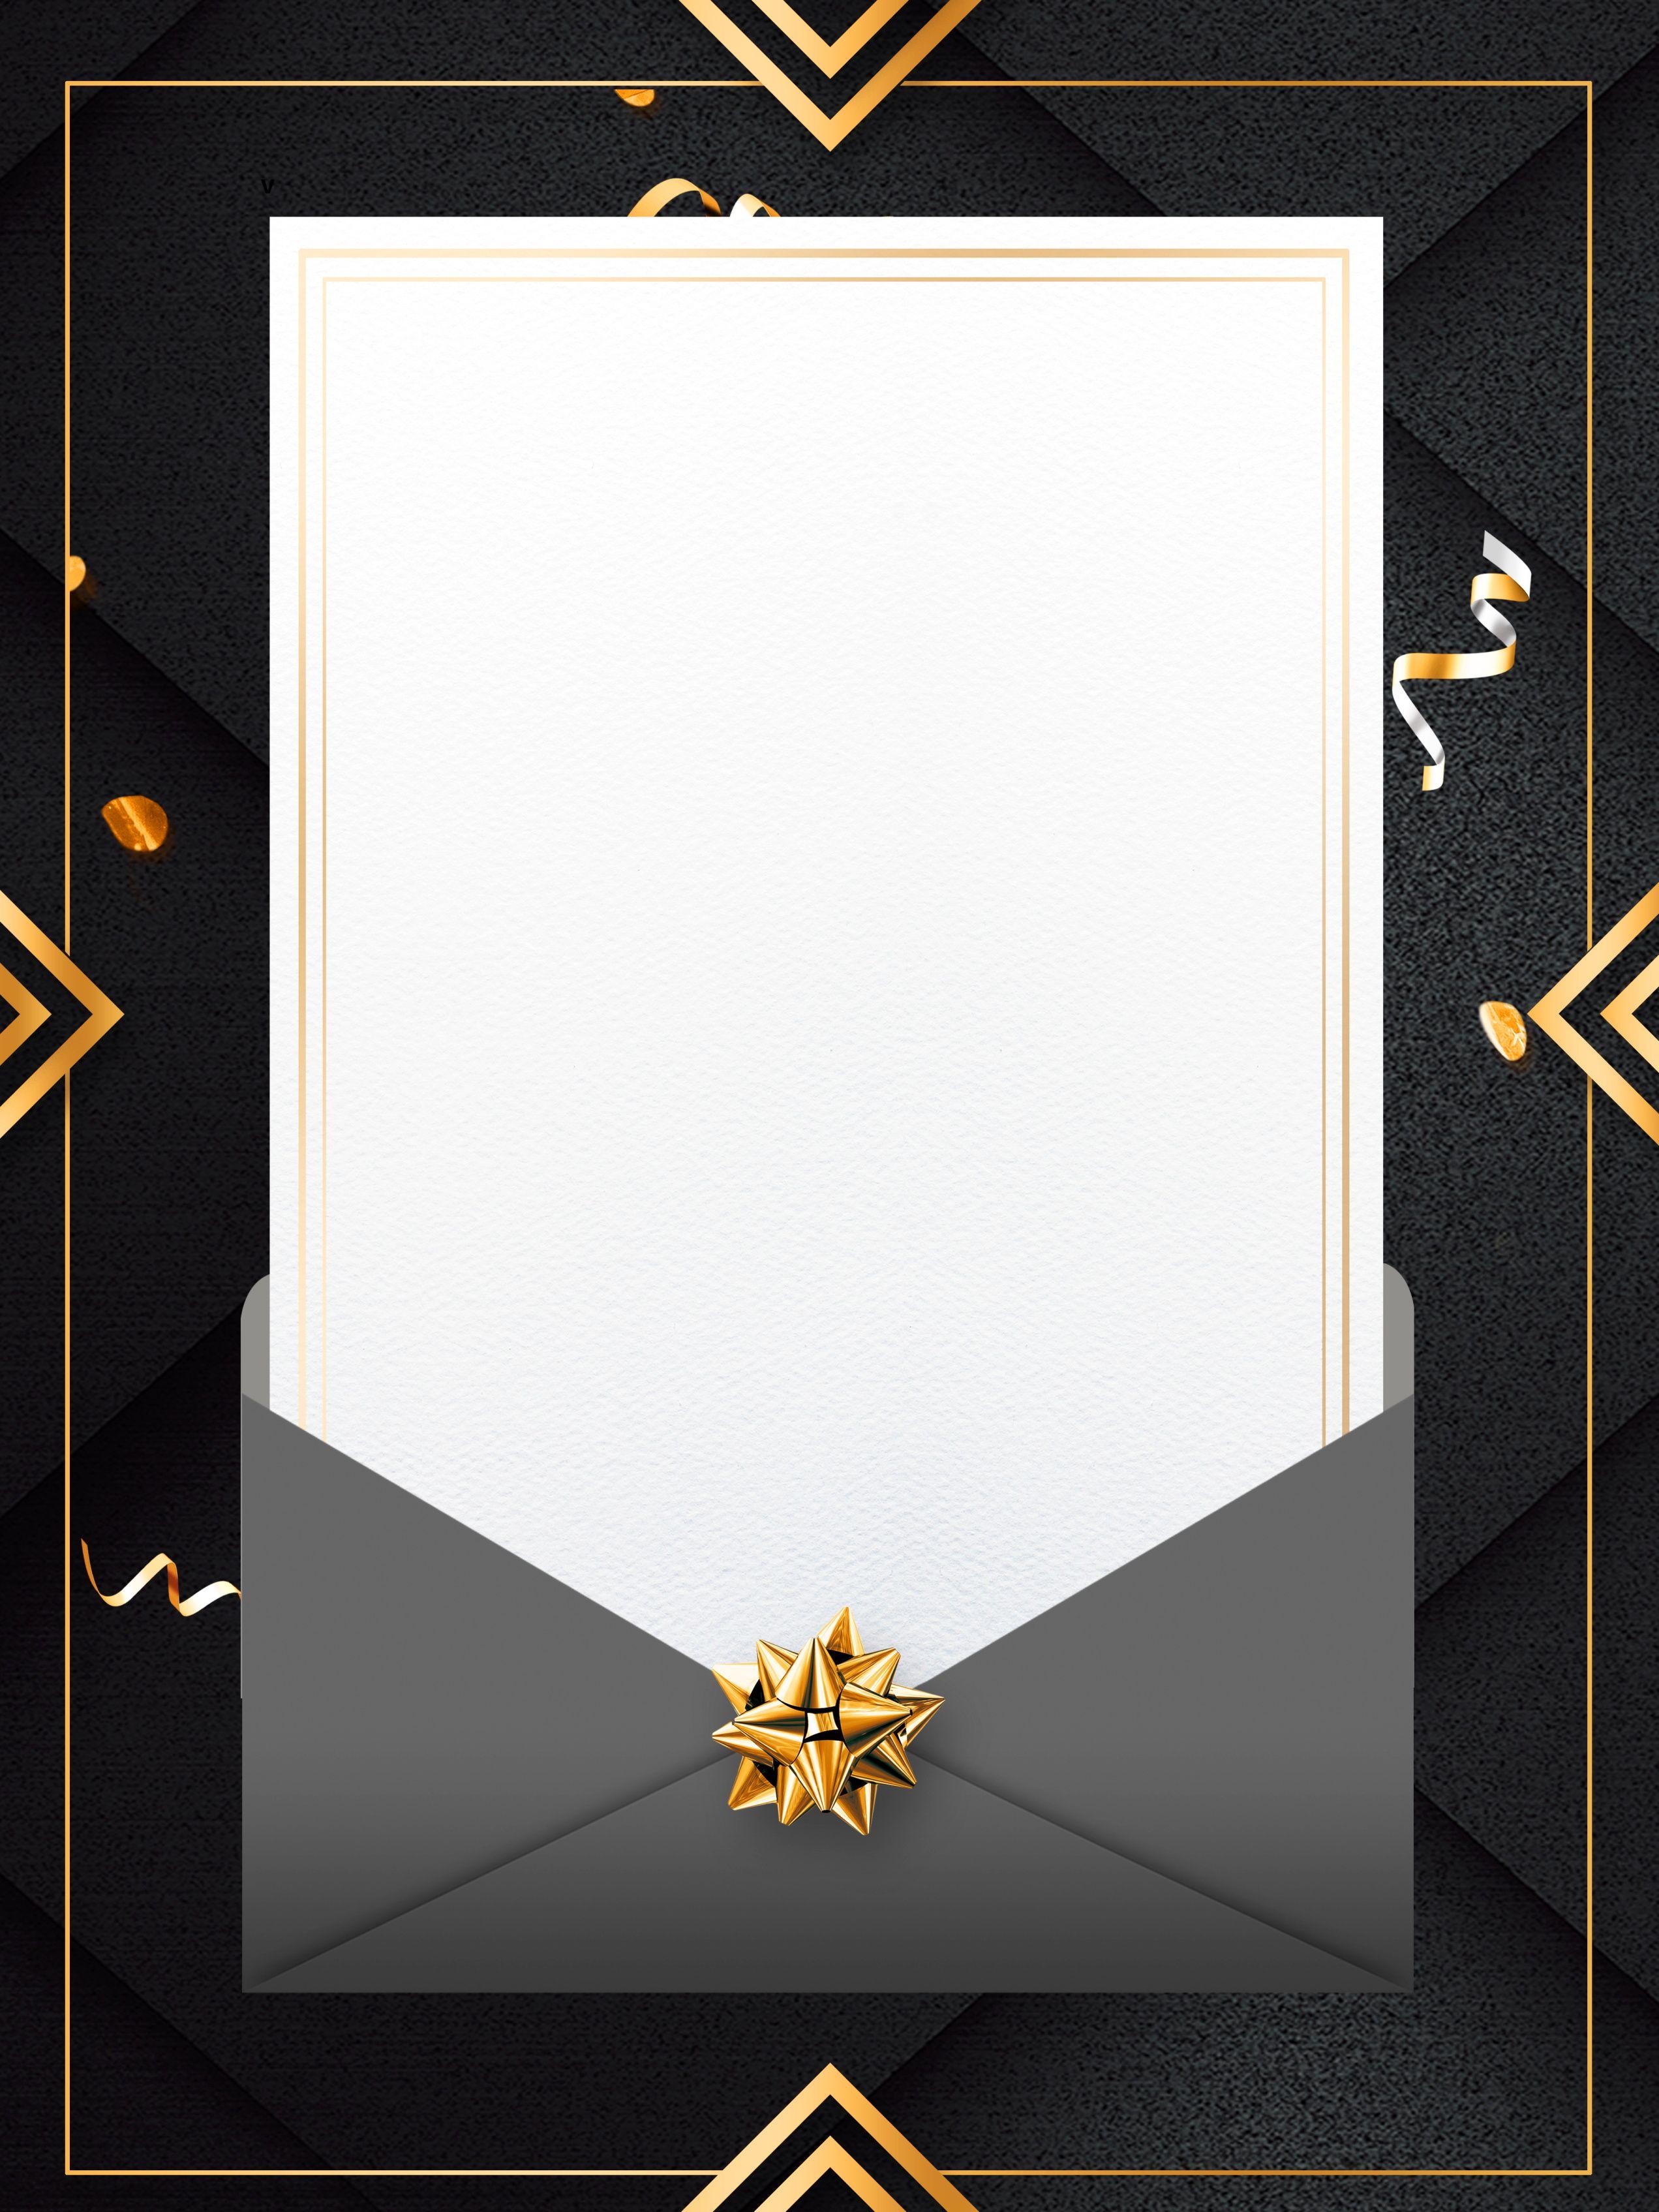 Mode Schwarzgold Wind Einladung Hintergrund Design Background Design Poster Background Design Invitation Background